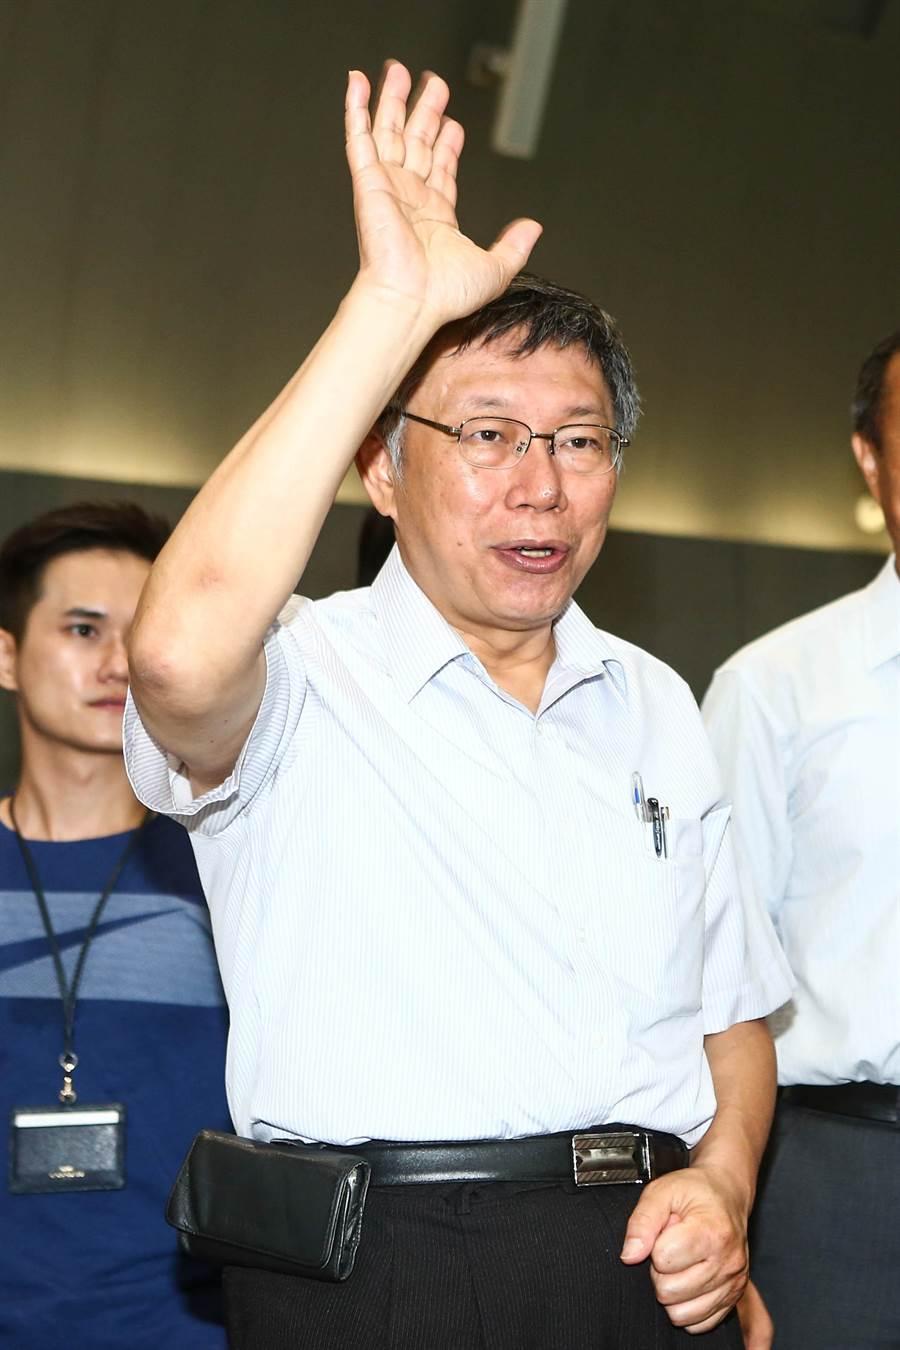 台北市長柯文哲上午表示,各政黨都有養網軍,唯獨民眾黨沒有,所以才可以大聲講別人。(中時資料庫)